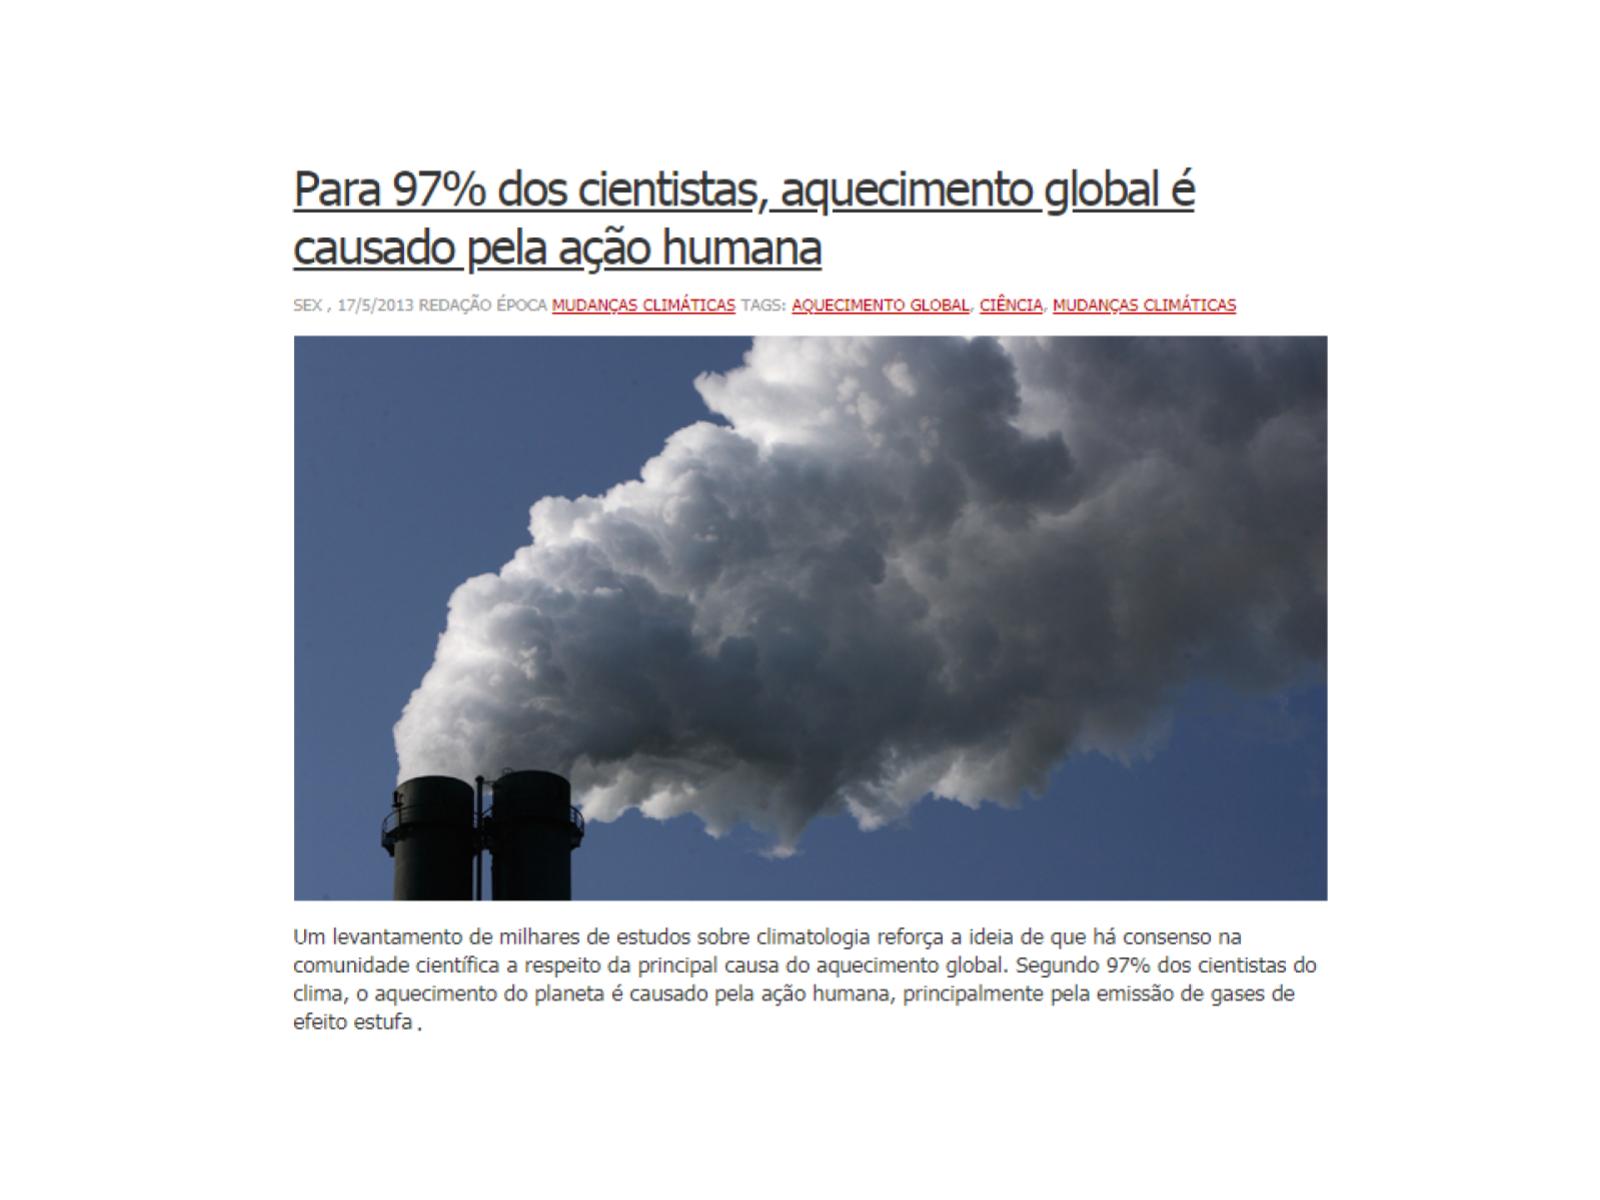 Atividades humanas e a intensificação do efeito estufa